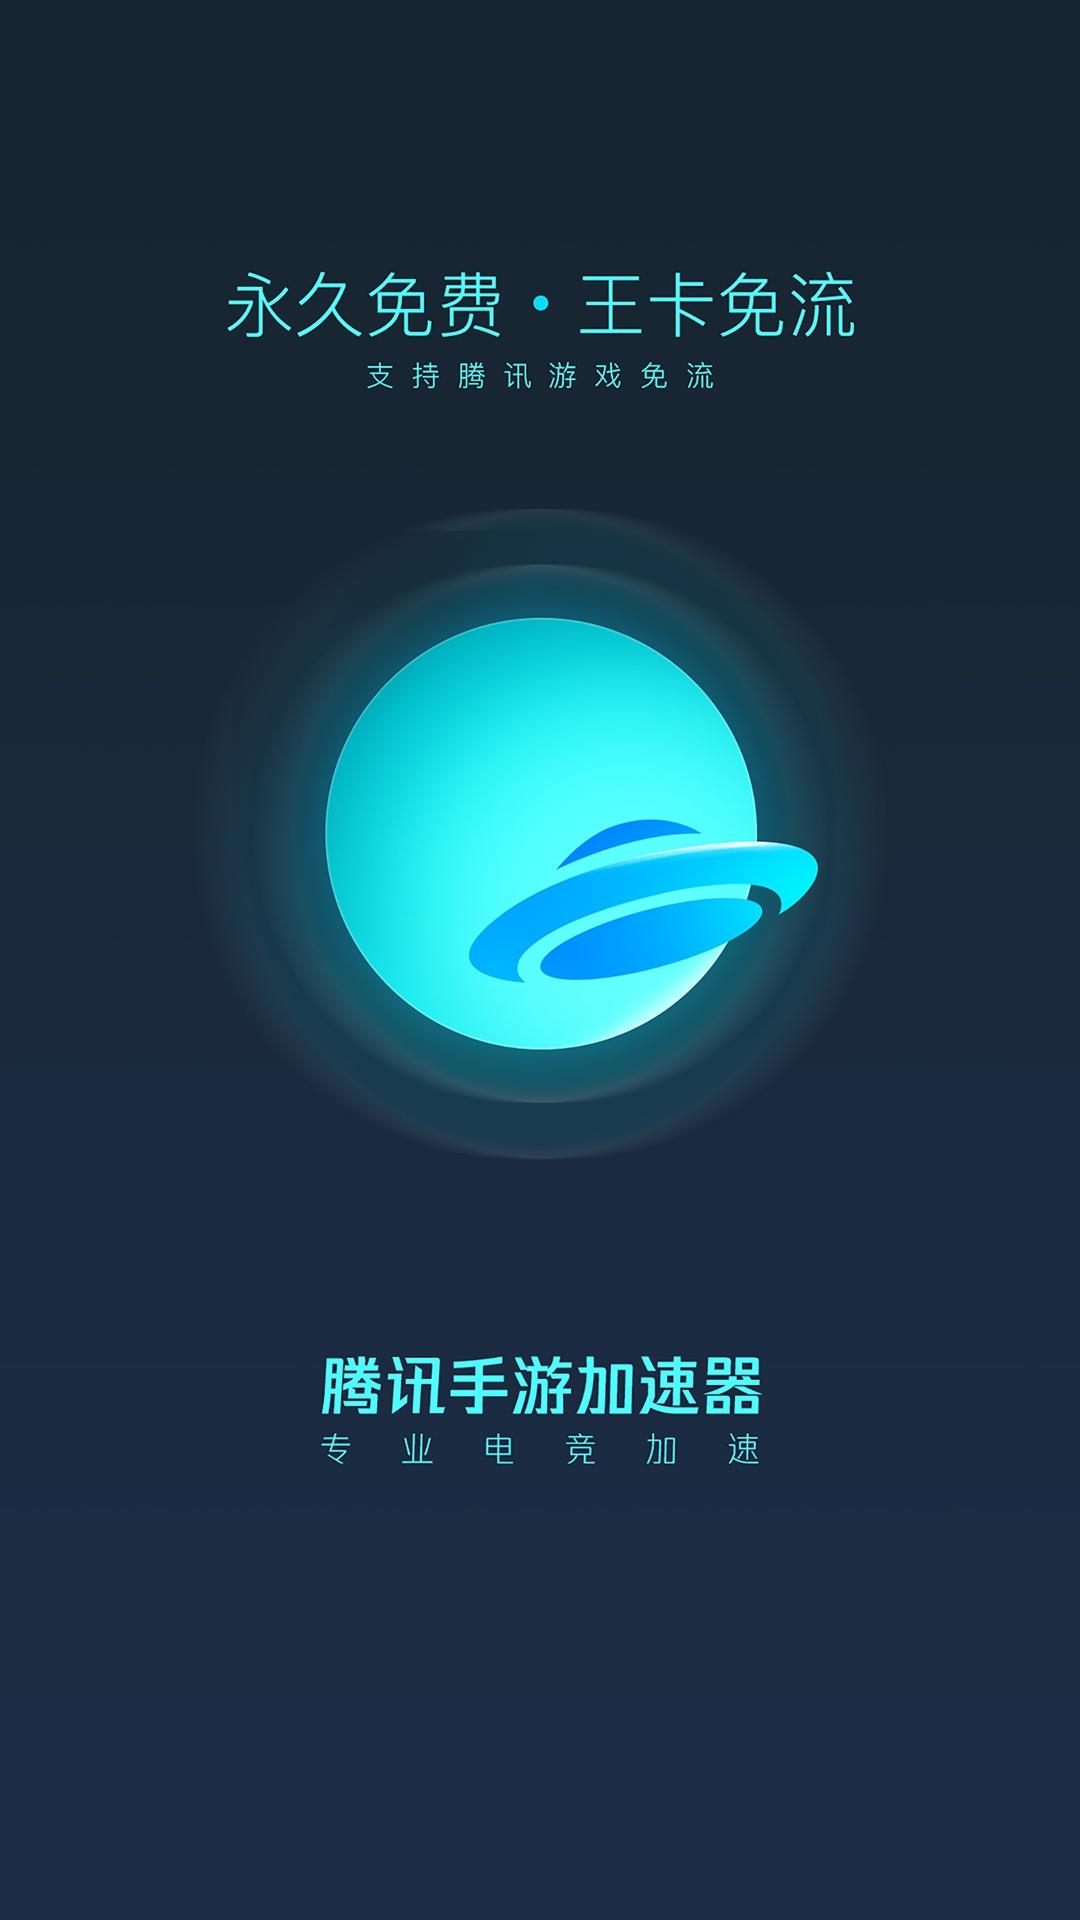 腾讯手游加速器v3.0.4官方版